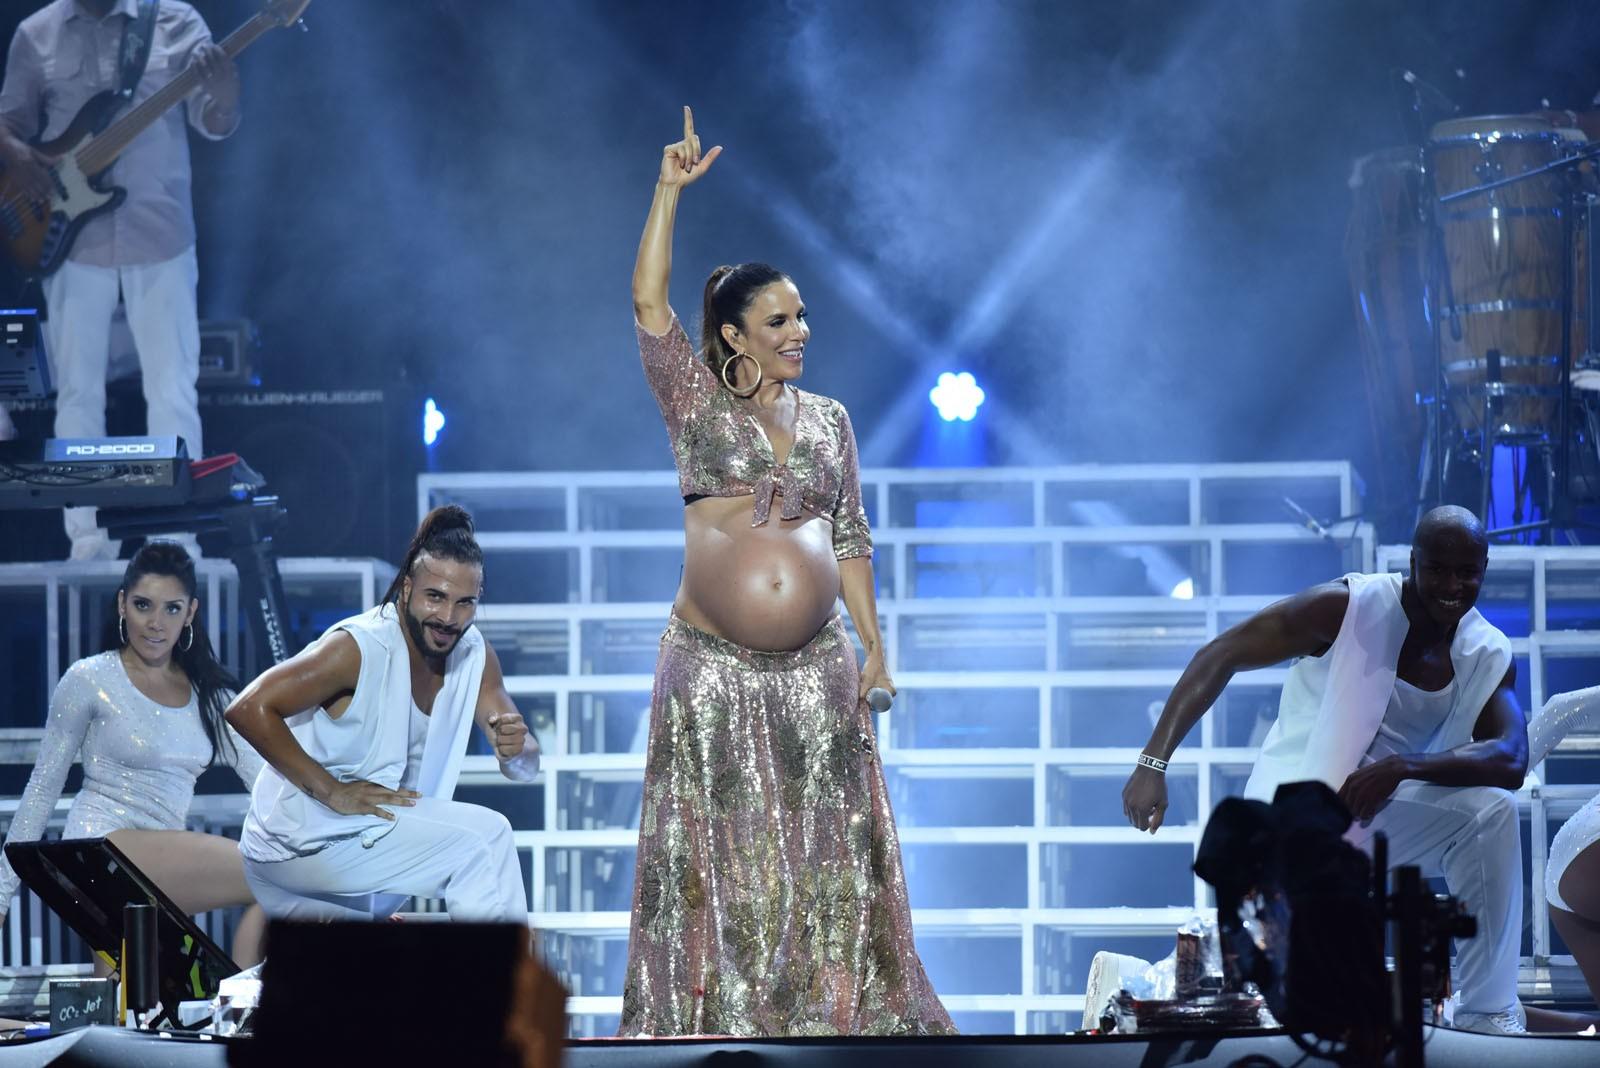 FOTOS: Ivete exibe barrigão de gêmeas em show no Festival de Verão Salvador